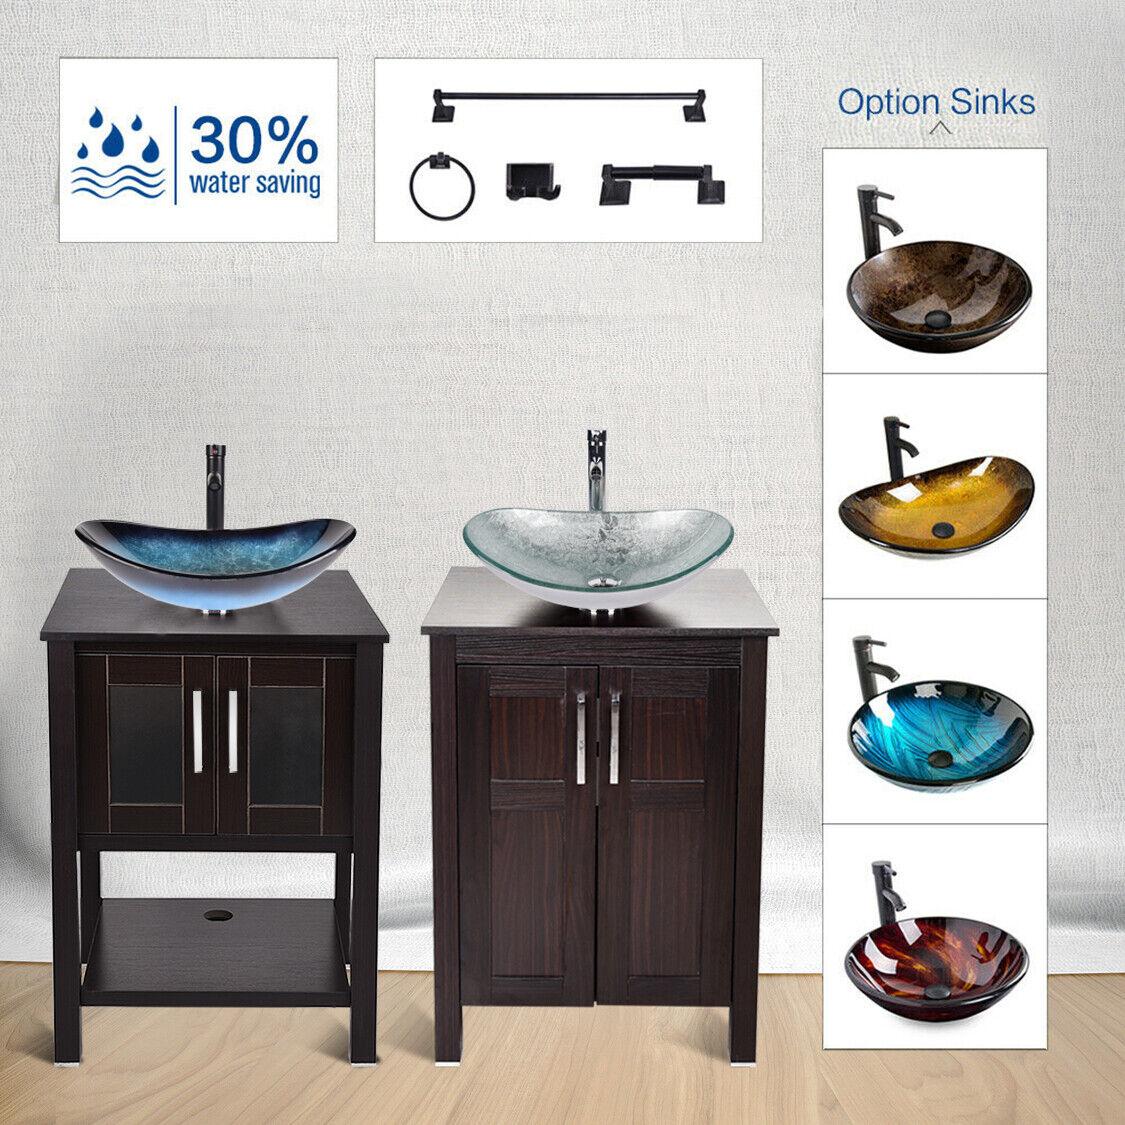 24'' Bathroom Vanity Single Cabinet Wood Top Vessel Sink Fau